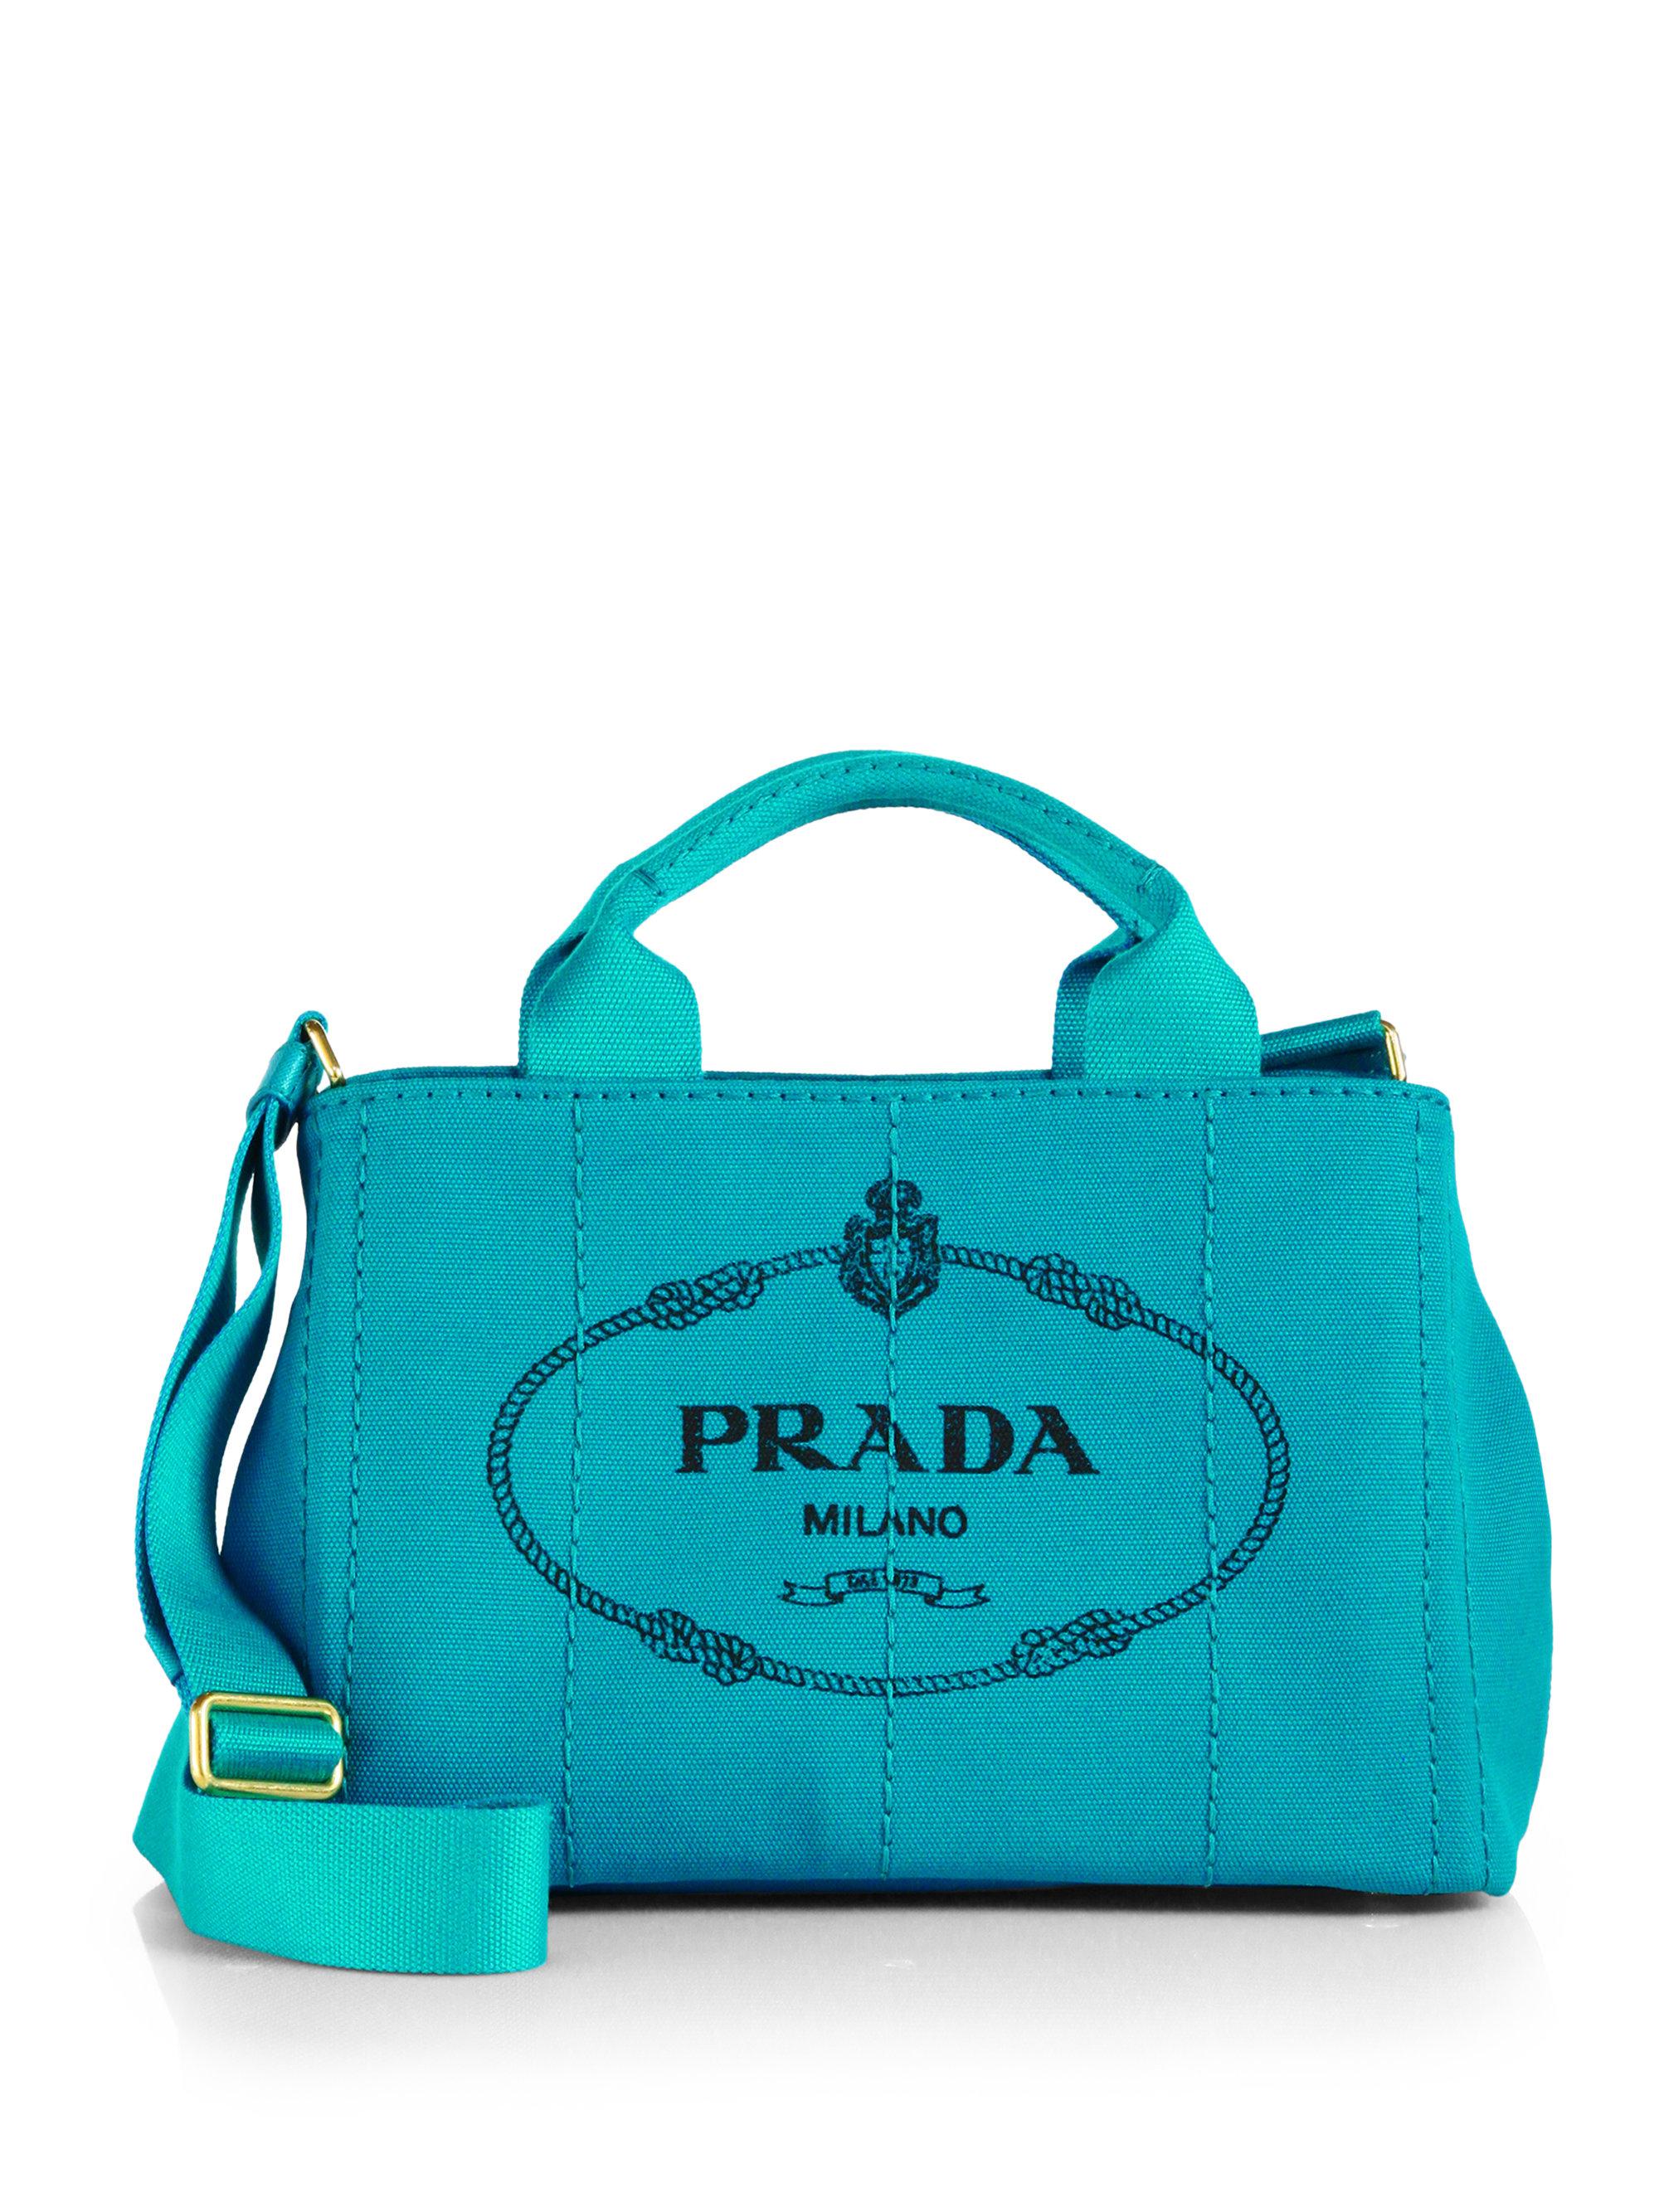 fake prada logo - prada printed tote, prada replica handbags wholesale